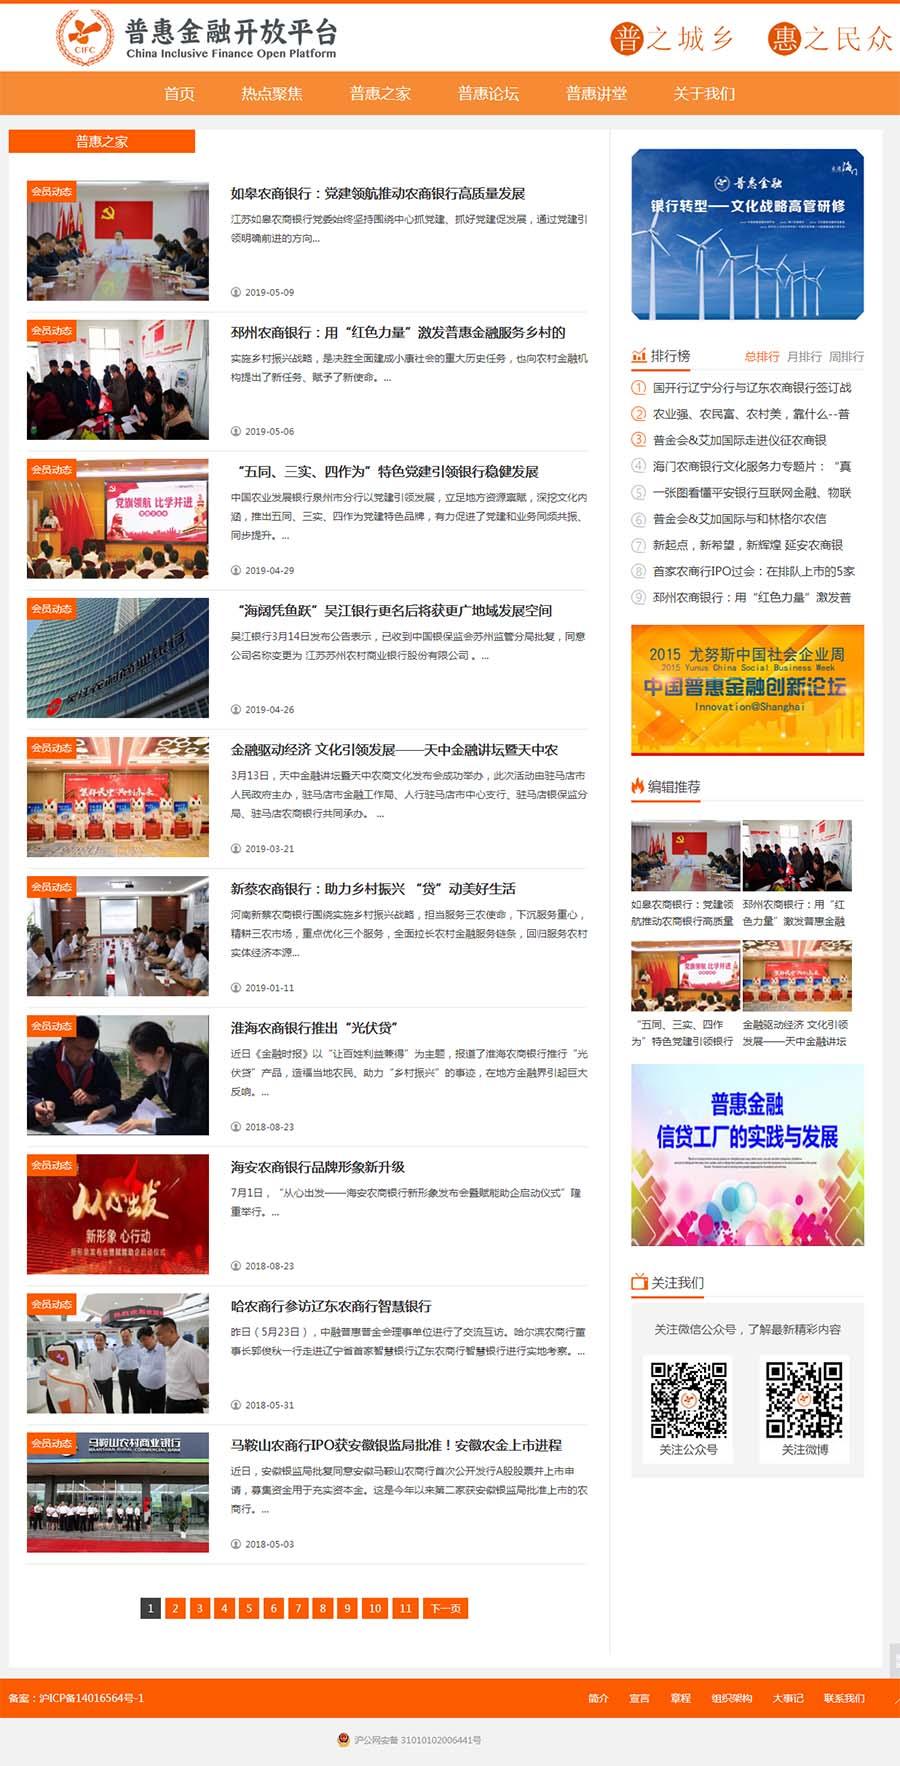 中国普惠金融开放平台